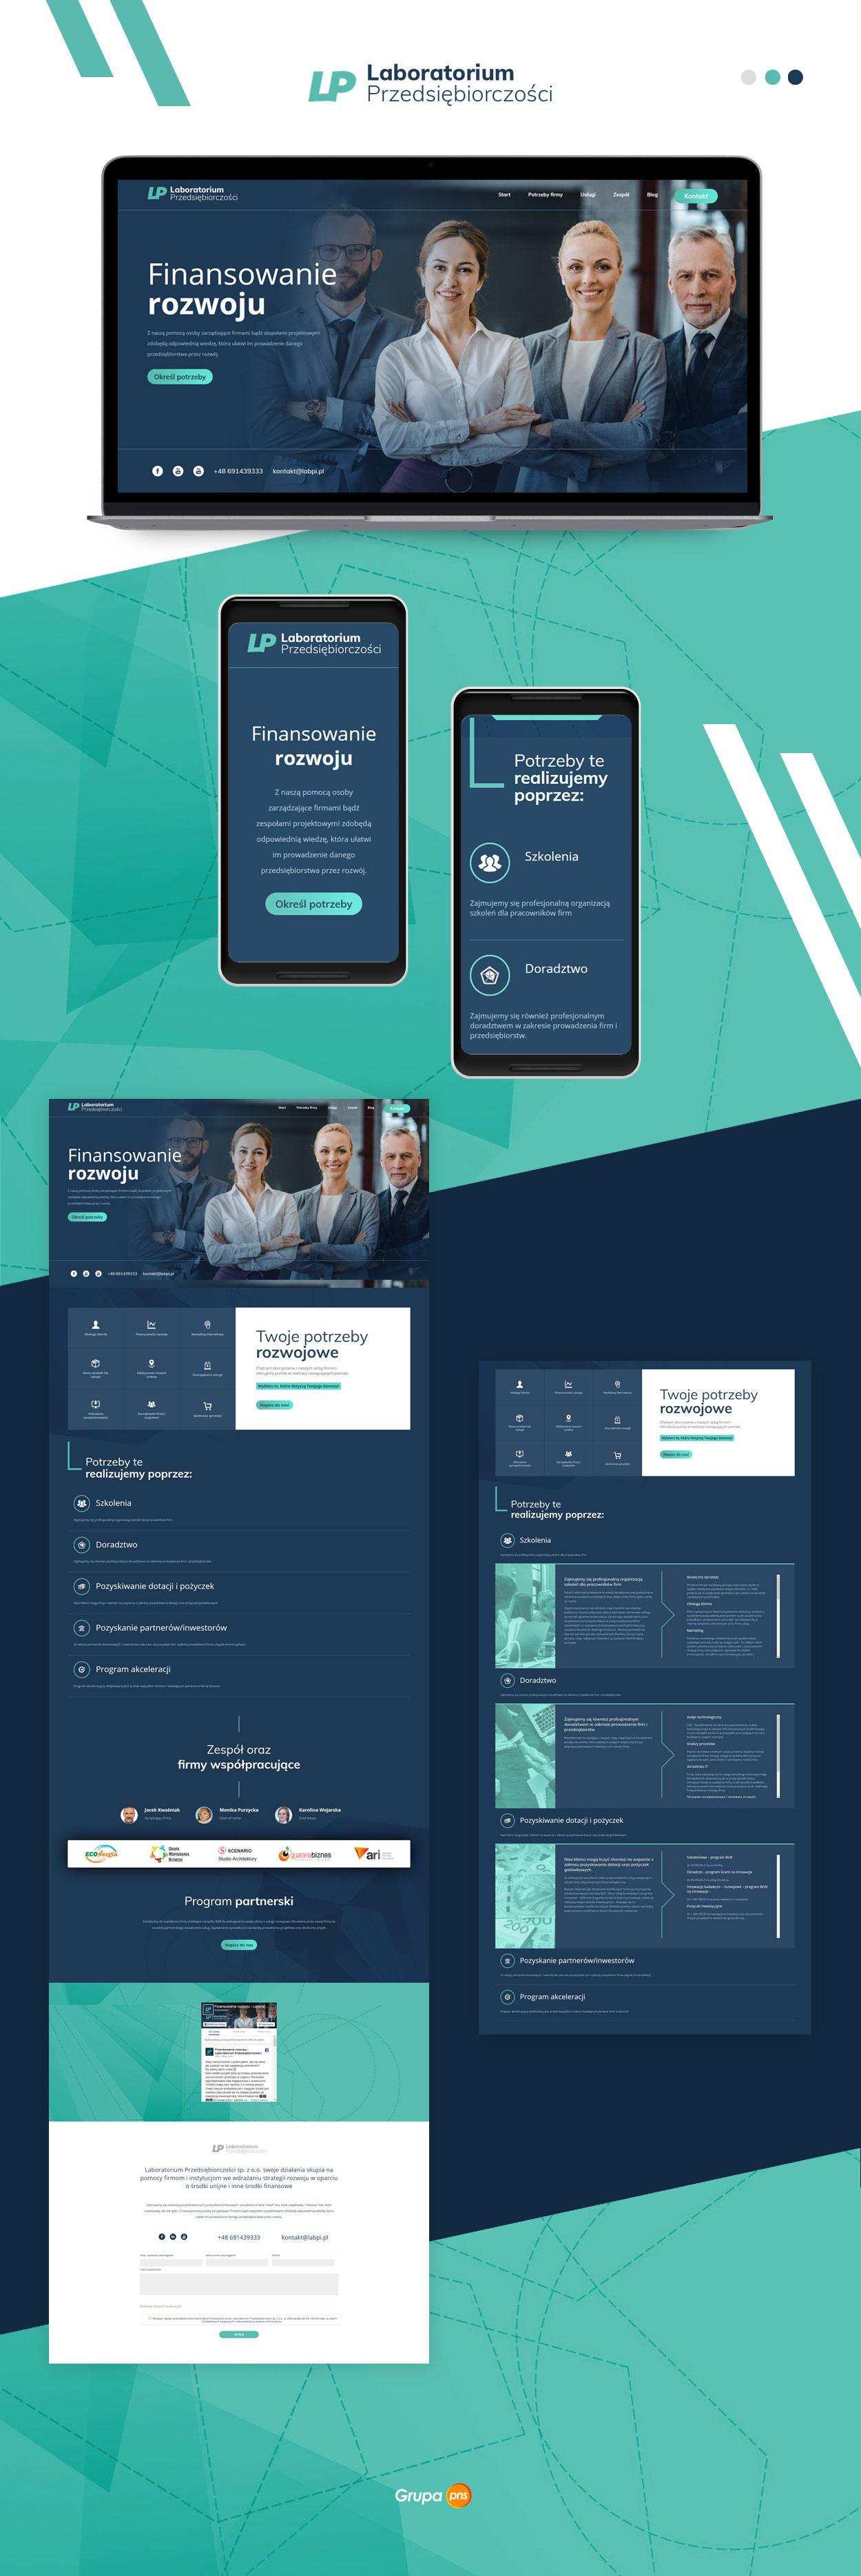 projektowanie-strona-internetowa-dla-firmy-finansowej-labpi